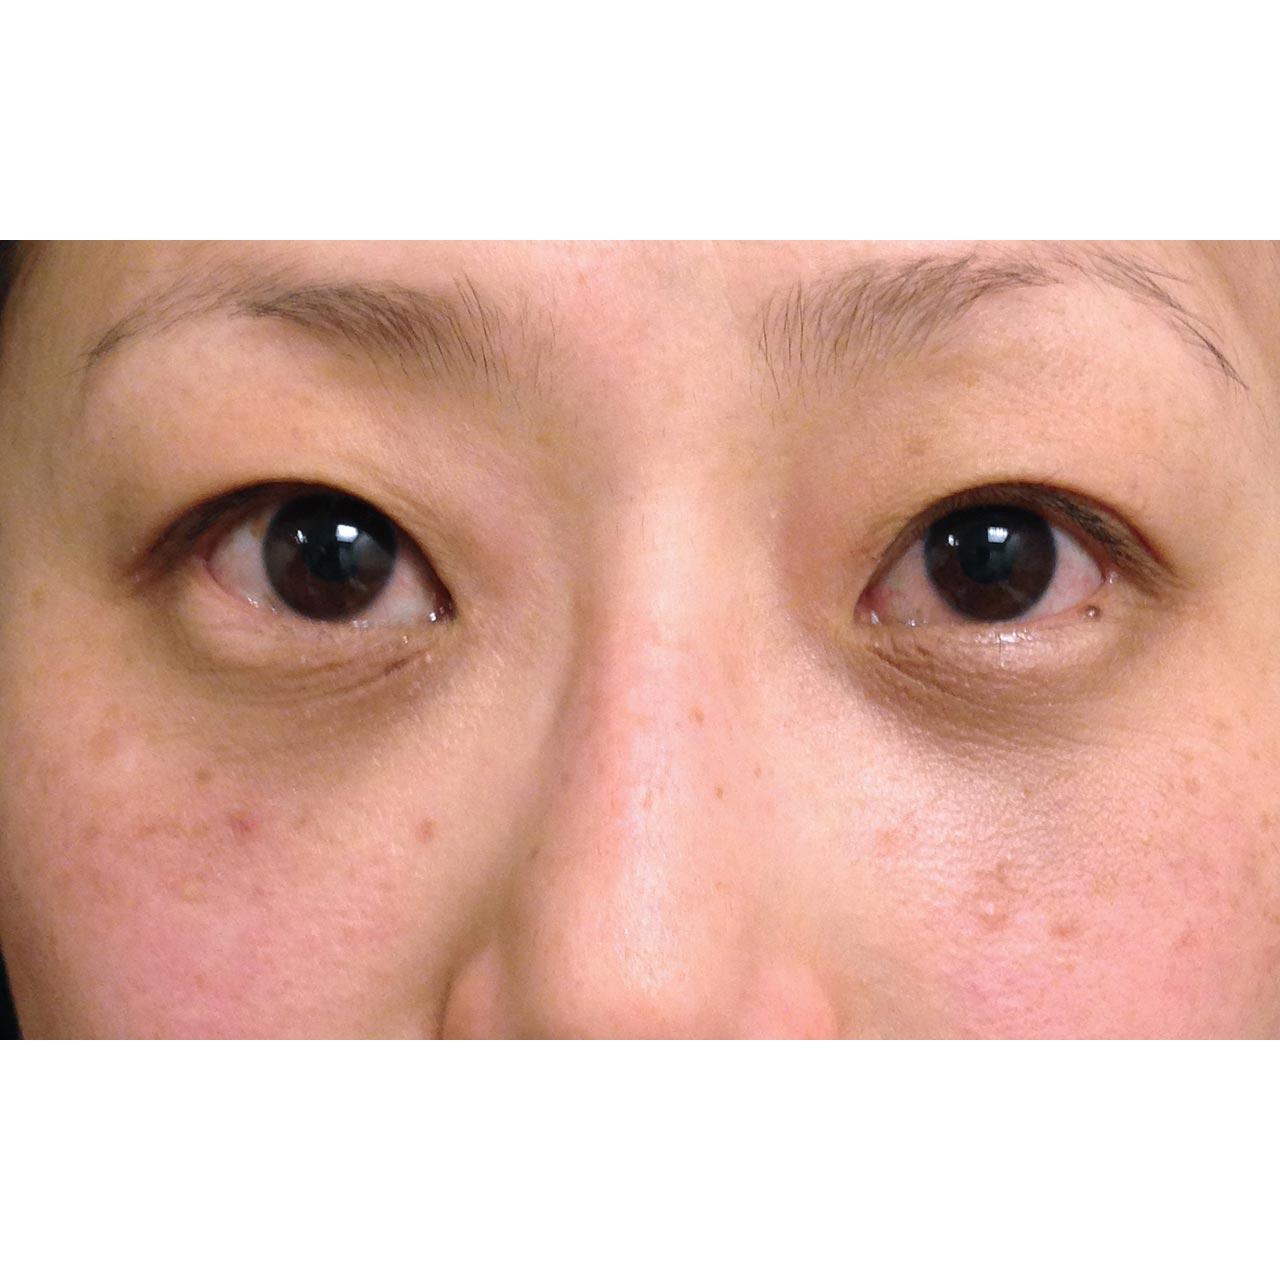 Eyelid Surgery 8